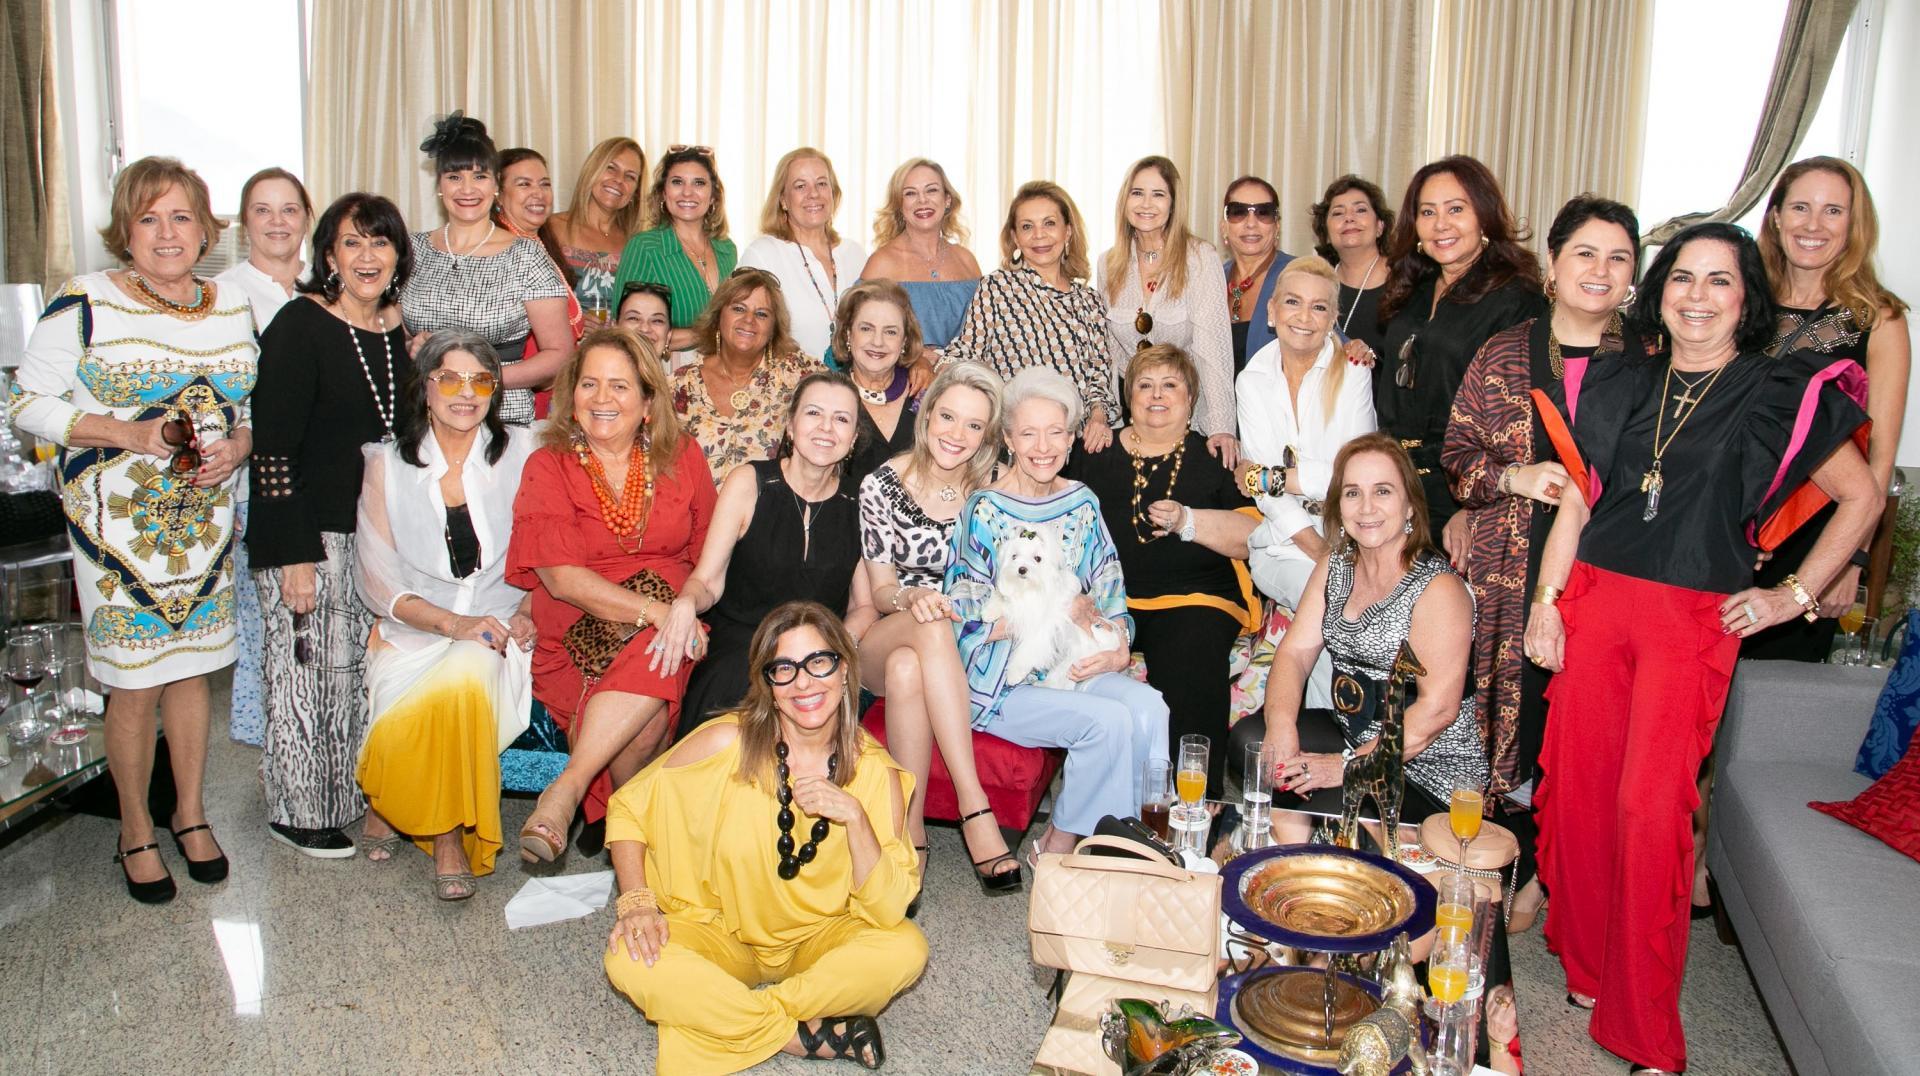 Roberta Monteiro da Fonseca reúne amigas para celebrar seu aniversário